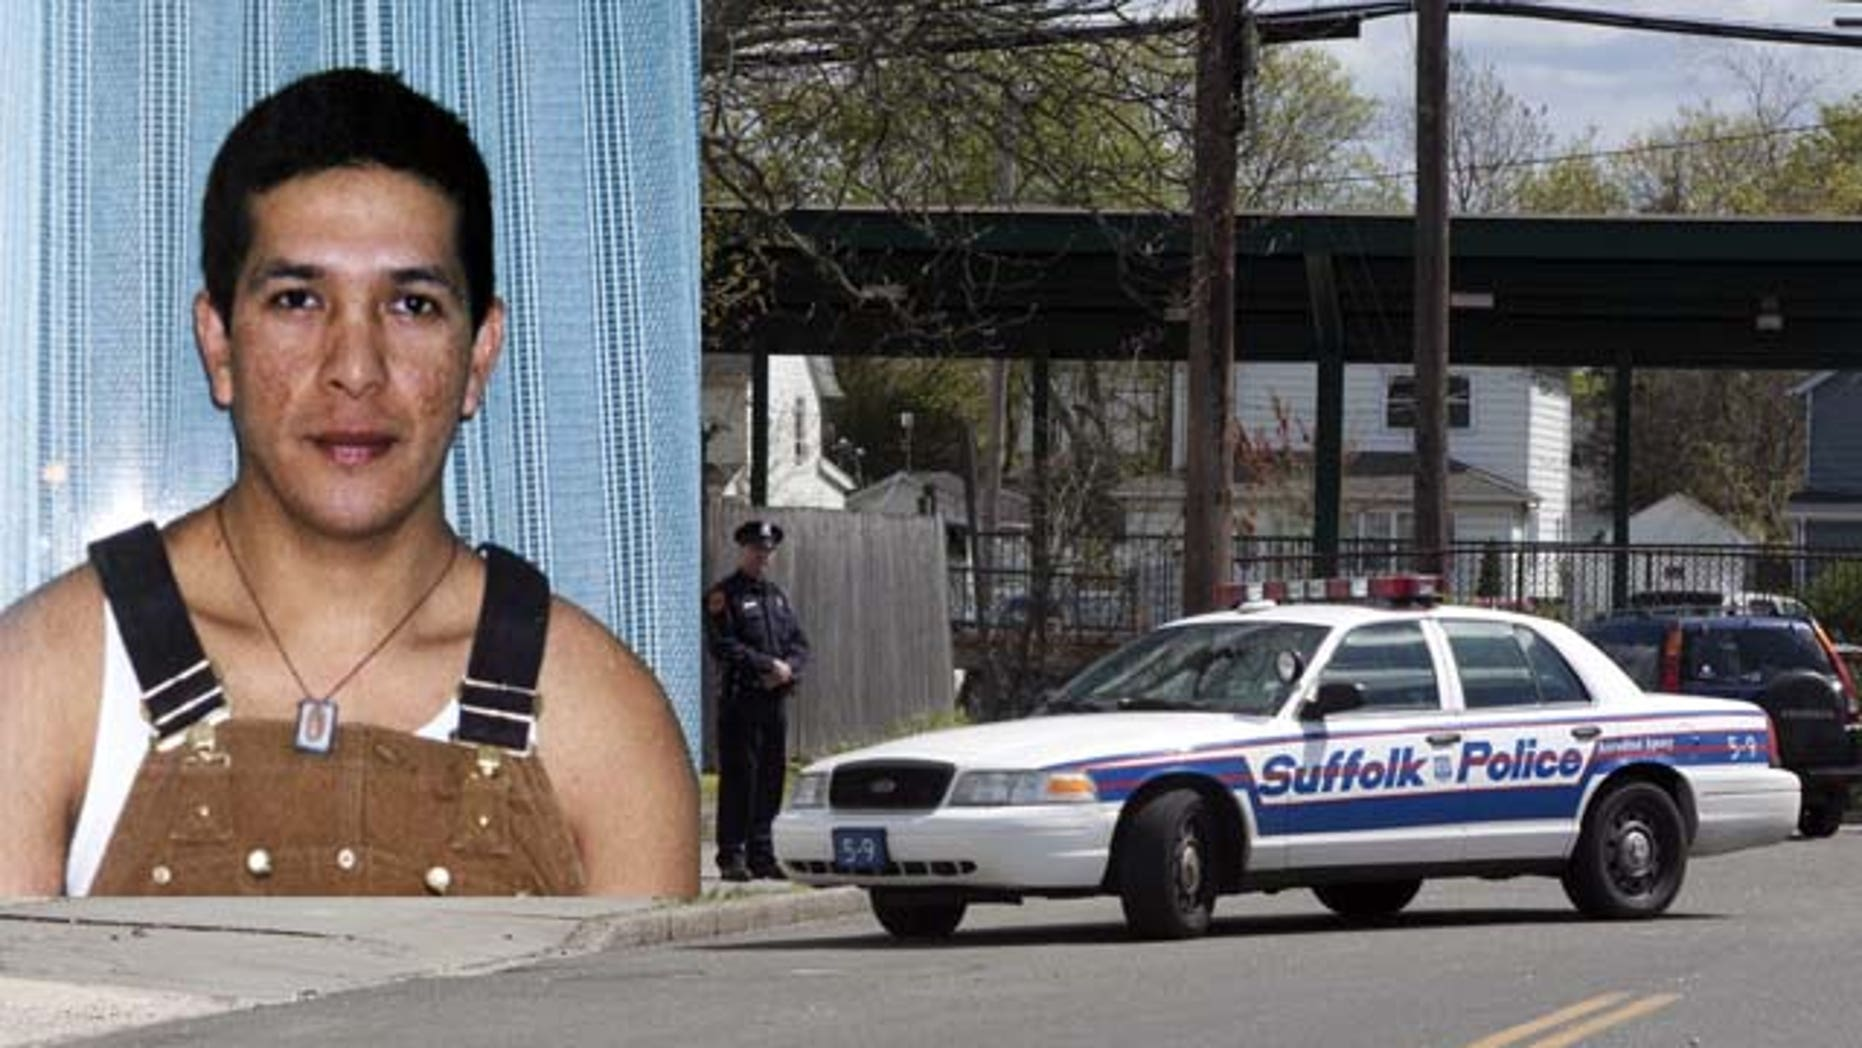 EEUU-JUSTICIA:SHM09 - PATCHOGUE (NY, EEUU), 19/04/2010.- Agentes de la policía del condado de Suffolk vigilan hoy, lunes 19 de abril de 2010, el lugar donde fue asesinado el inmigrante ecuatoriano Marcelo Lucero hace un año y medio en la localidad de Patchogue, NY (EEUU), para evitar que haya altercados después de que un jurado popular hallara culpable de homicidio a Jeffrey Conroy, único acusado por la muerte. Siete jóvenes, entre ellos Conroy, fueron arrestados en relación con la muerte de Lucero, que el pasado lunes hubiese cumplido 39 años, pero sólo al citado, de 19 años, se le abrieron cargos por el asesinato. EFE/Miguel Rajmil  (Newscom TagID: efespfive570370) [Photo via Newscom]